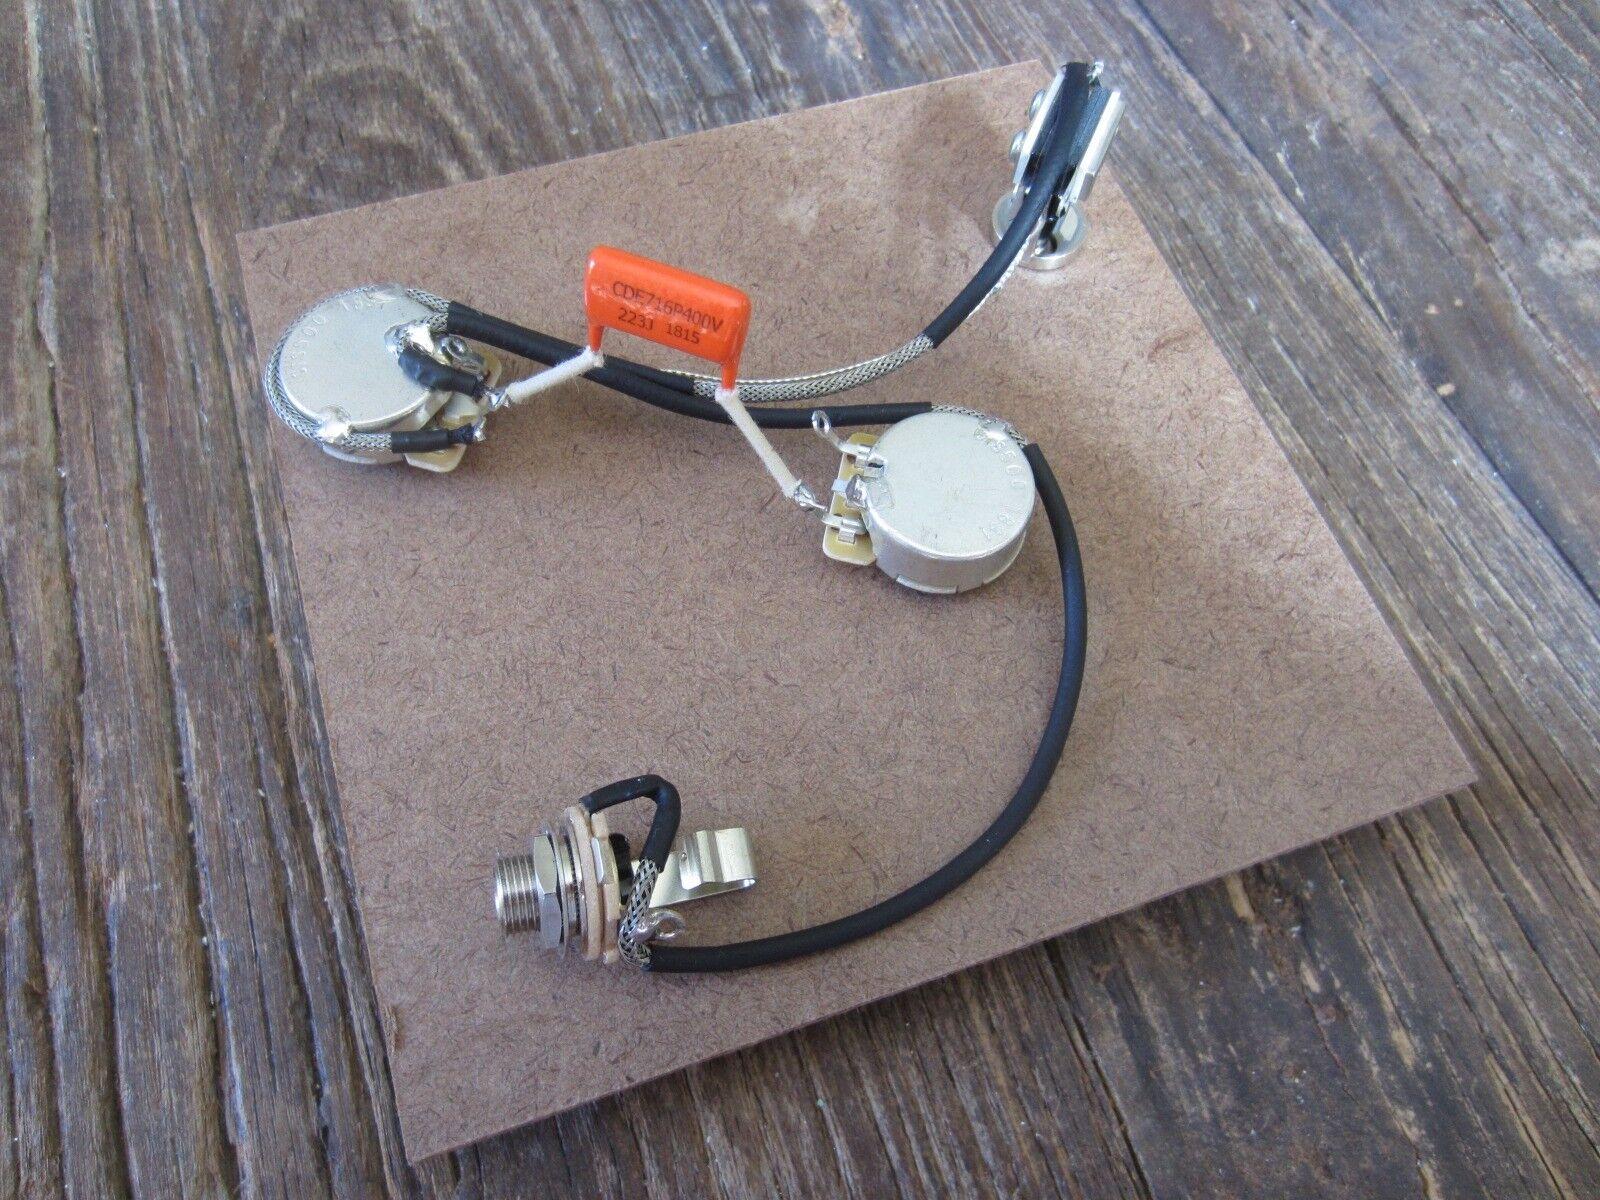 Sel Glow Plug Wiring Harness on 7.3 idi glow plug harness, 1988 7.3 glow plug harness, ford 7 3 engine harness,